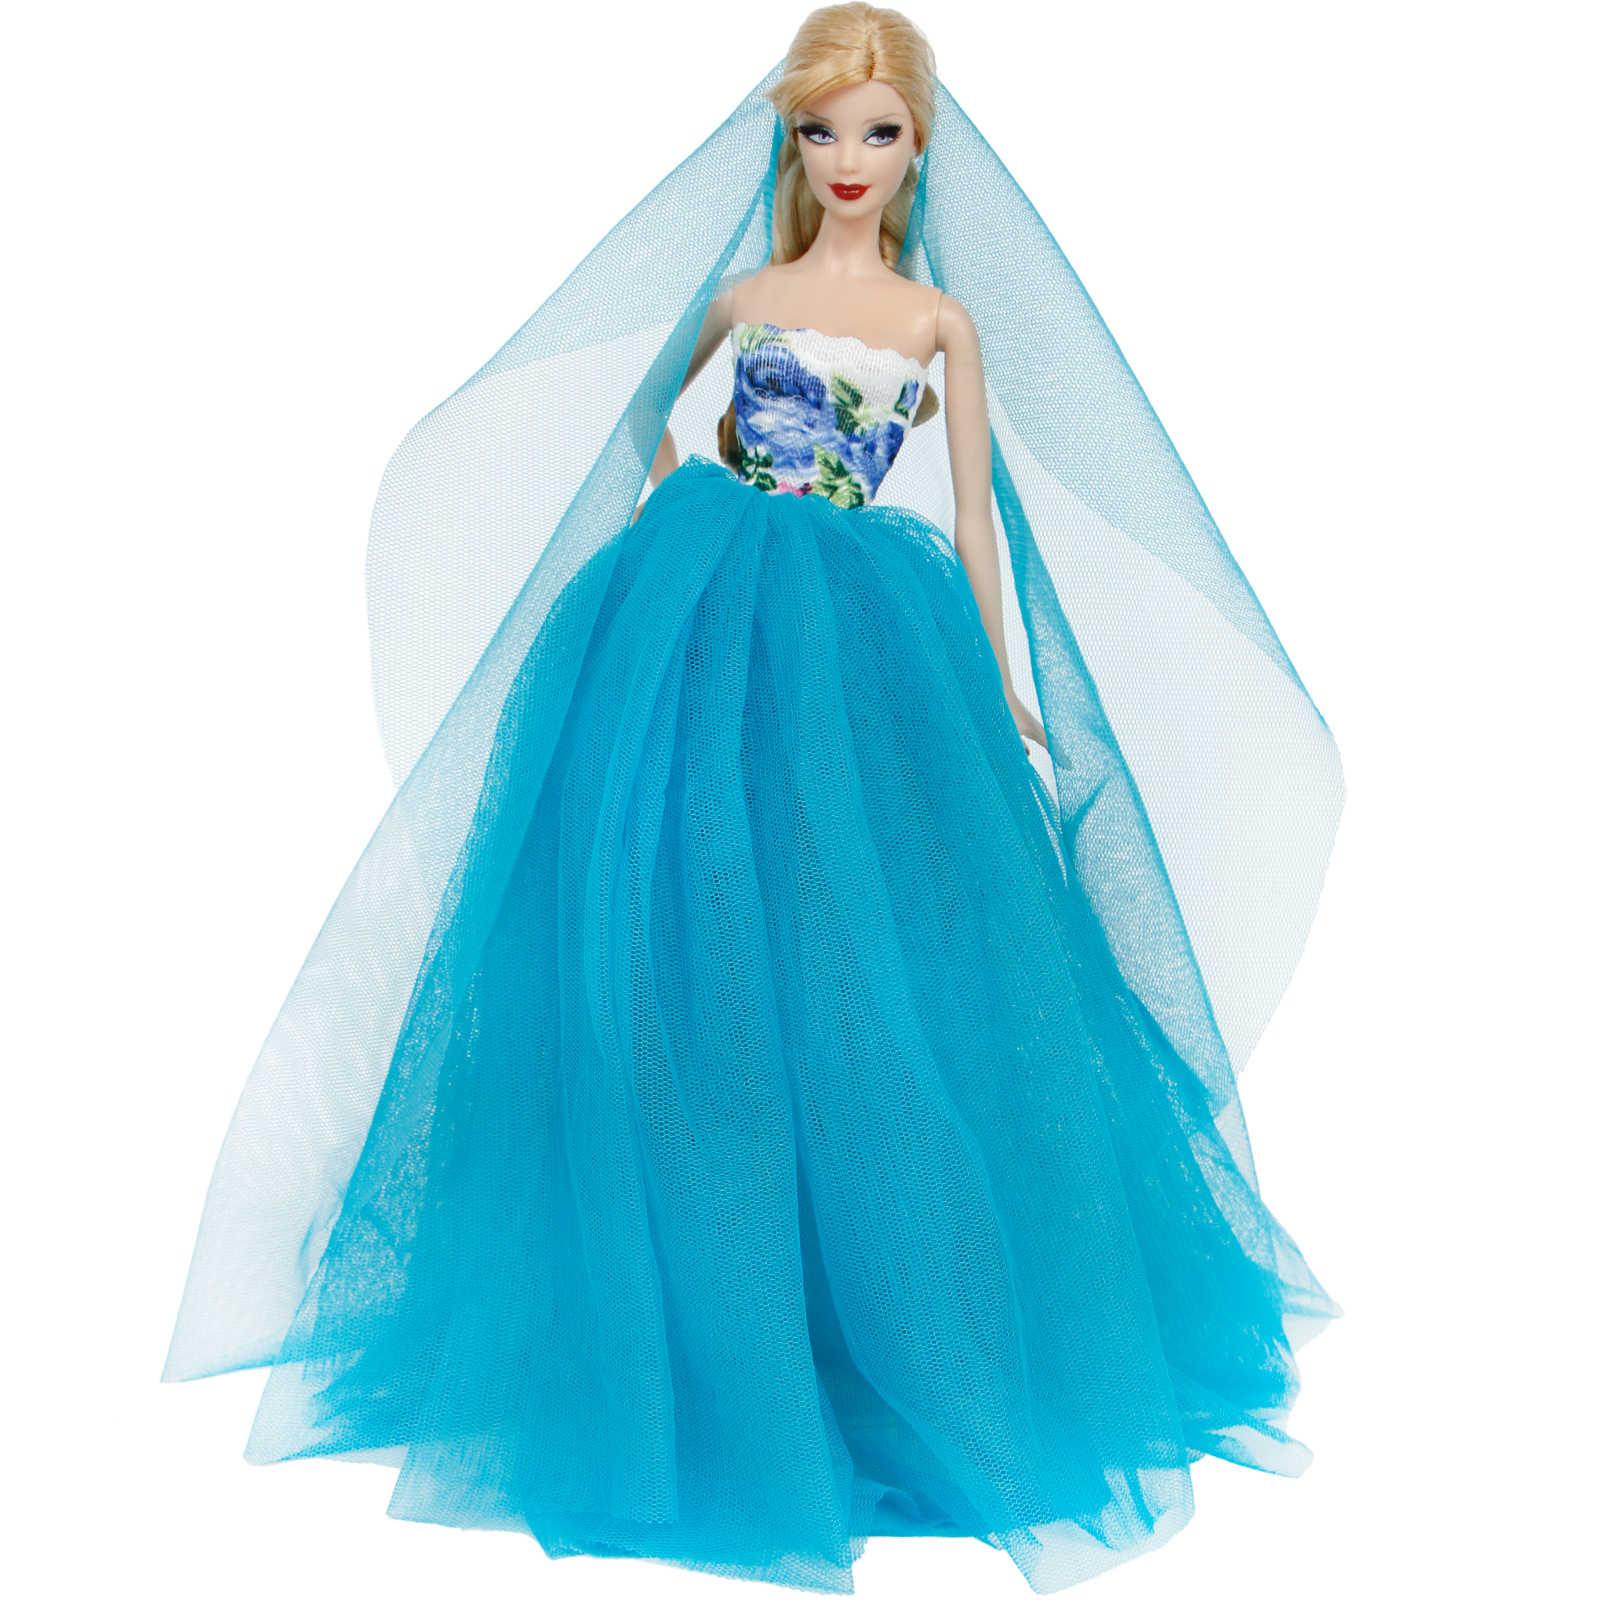 Vestido de casamento feito à mão princesa festa à noite bola vestido longo saia véu nupcial roupas para barbie boneca acessórios natal brinquedo diy